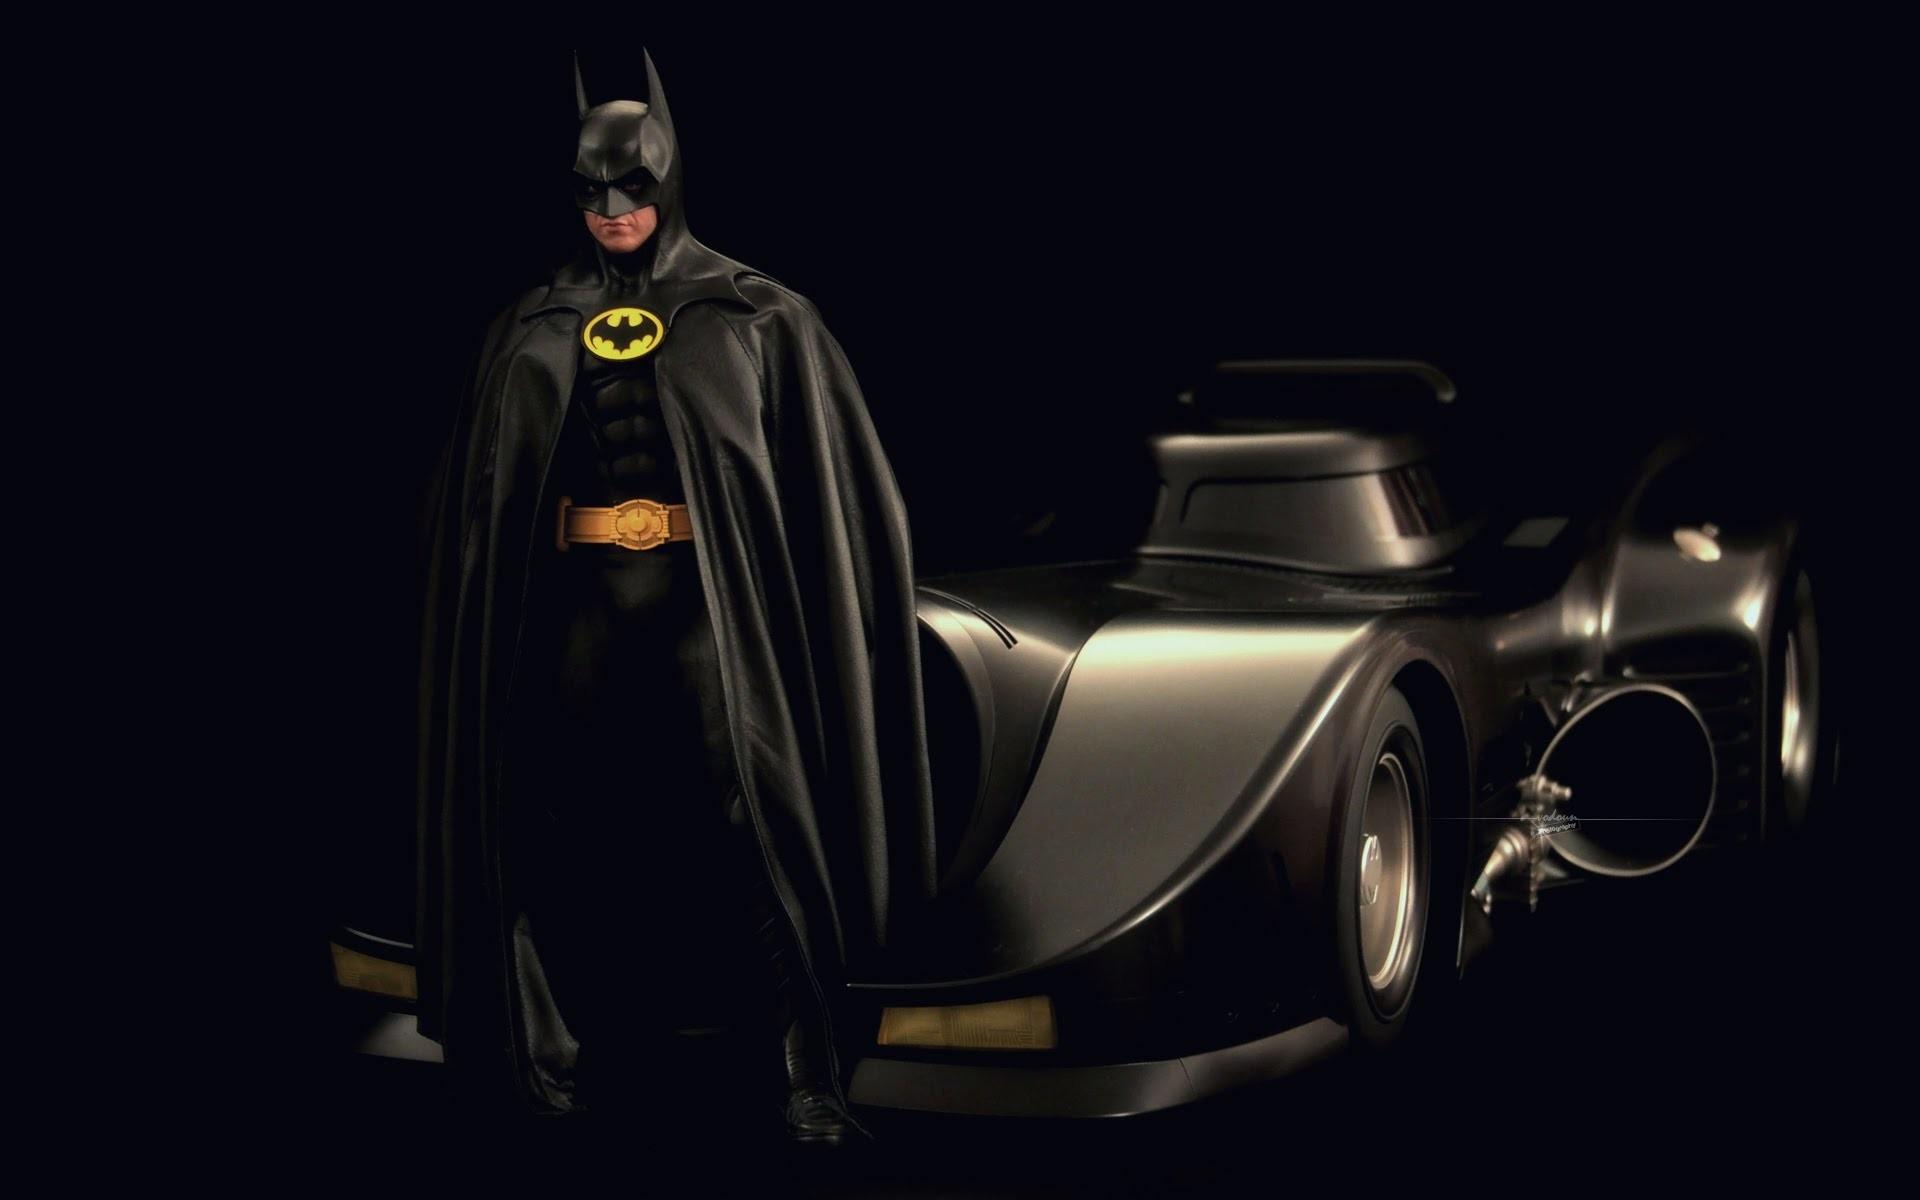 Car Wallpaper Hd 1080p Free Download For Mobile Batmobile Wallpaper 76 Images